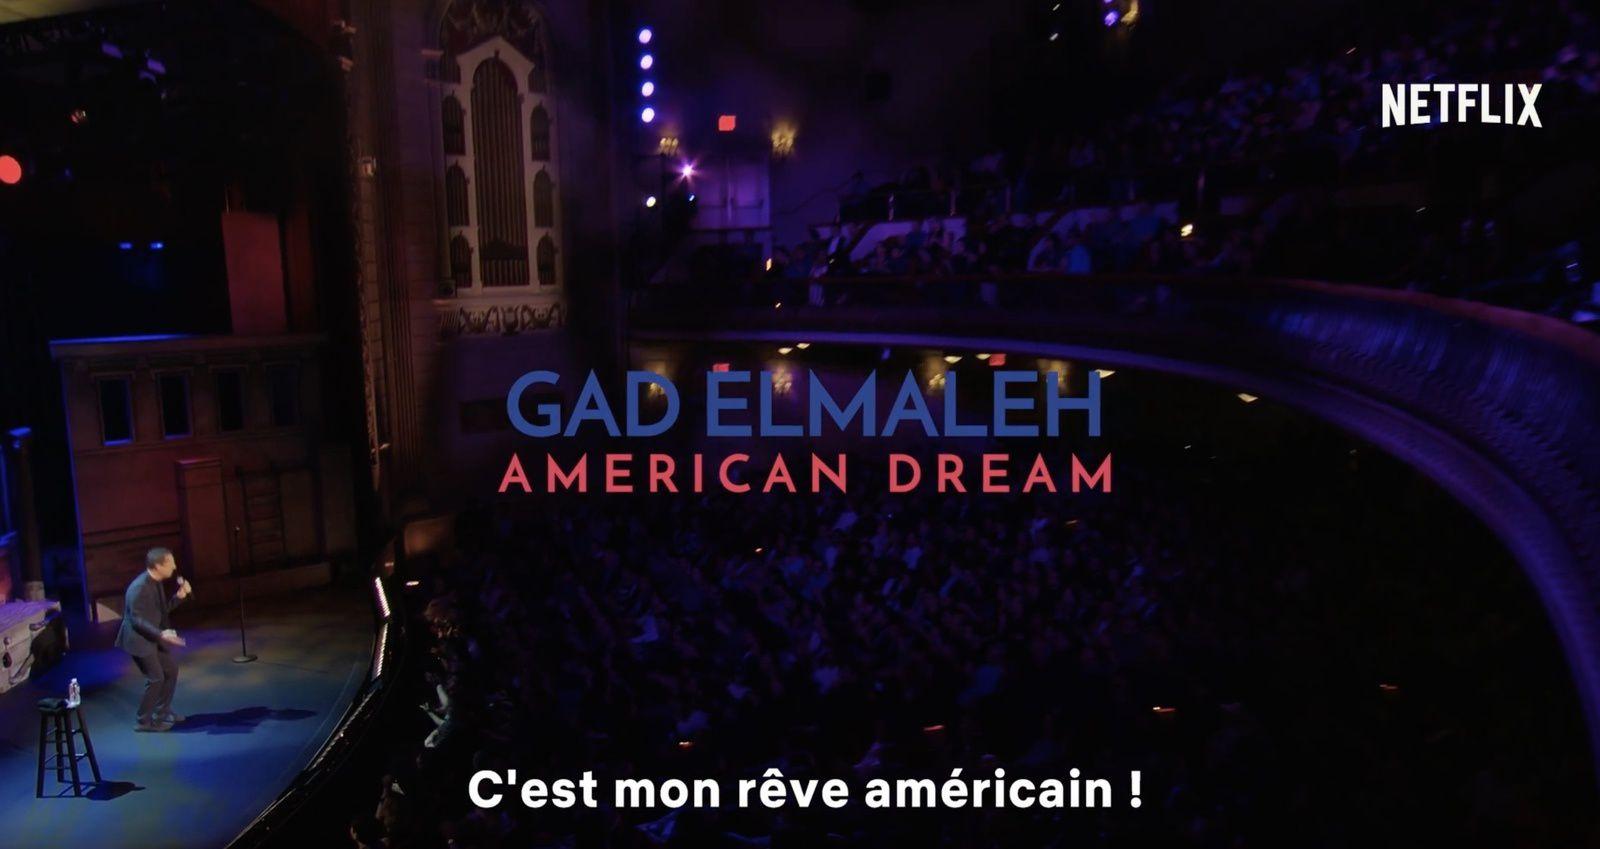 Bande-annonce du spectacle Gad Elmaleh : American Dream (Netflix)